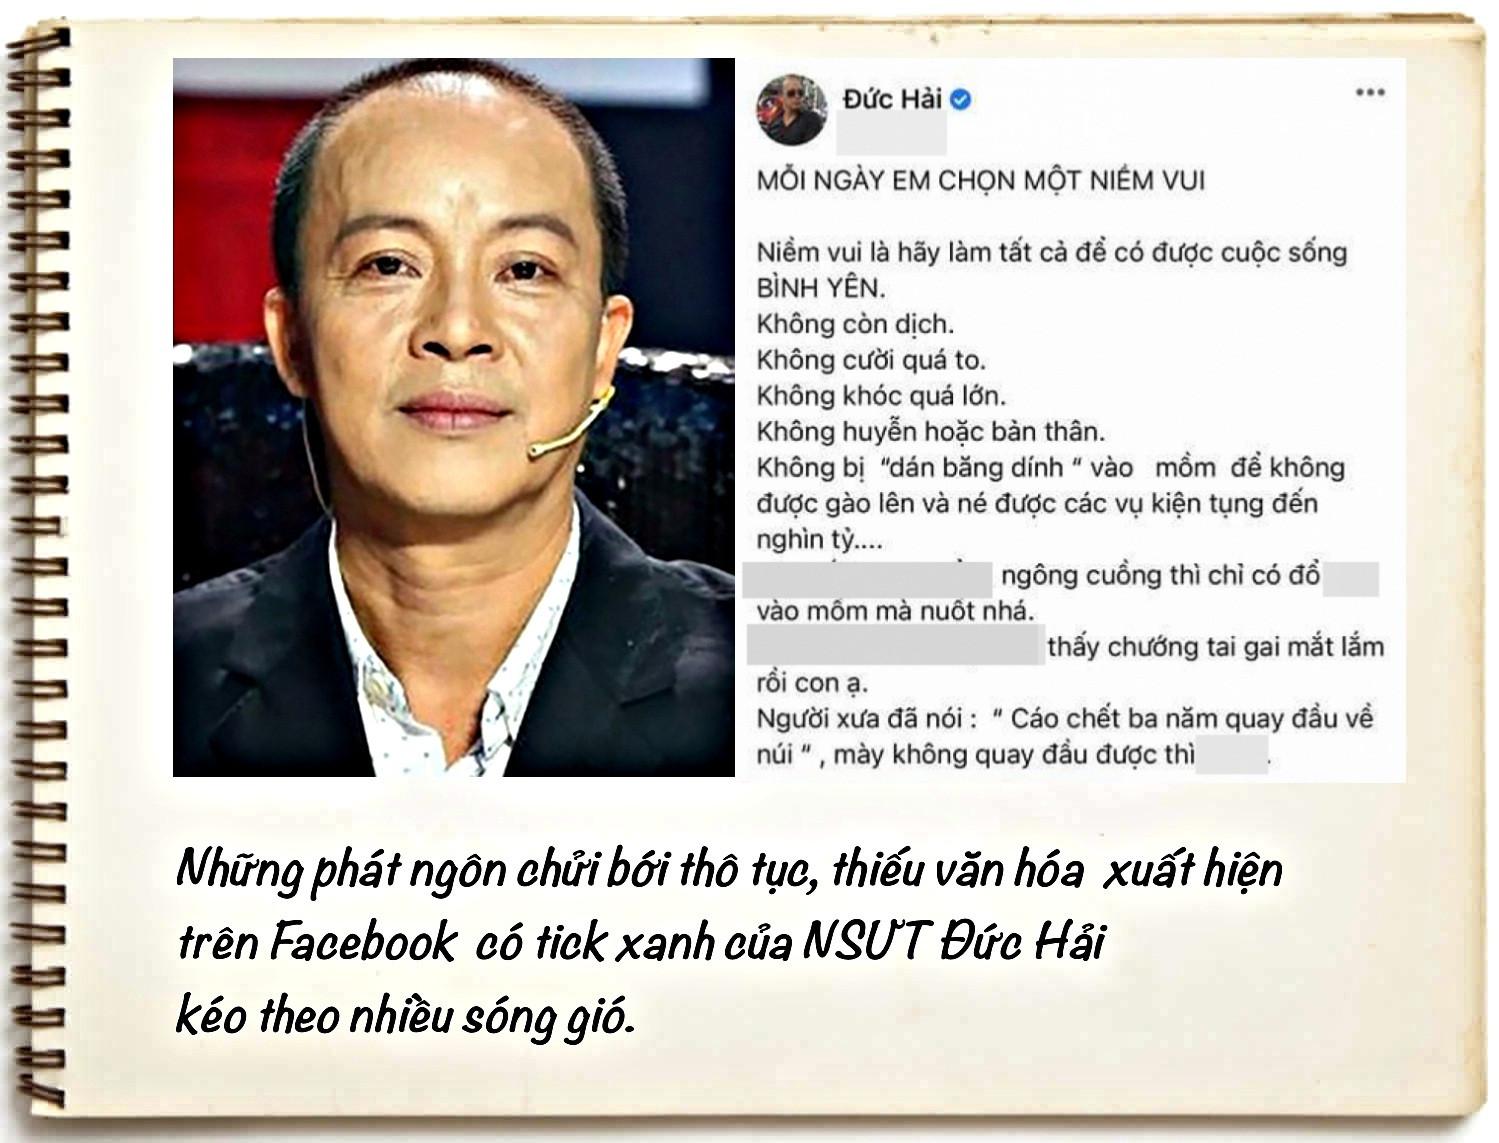 Nhìn lại 6 tháng đầy mất mát, chao đảo vì scandal của showbiz Việt-8